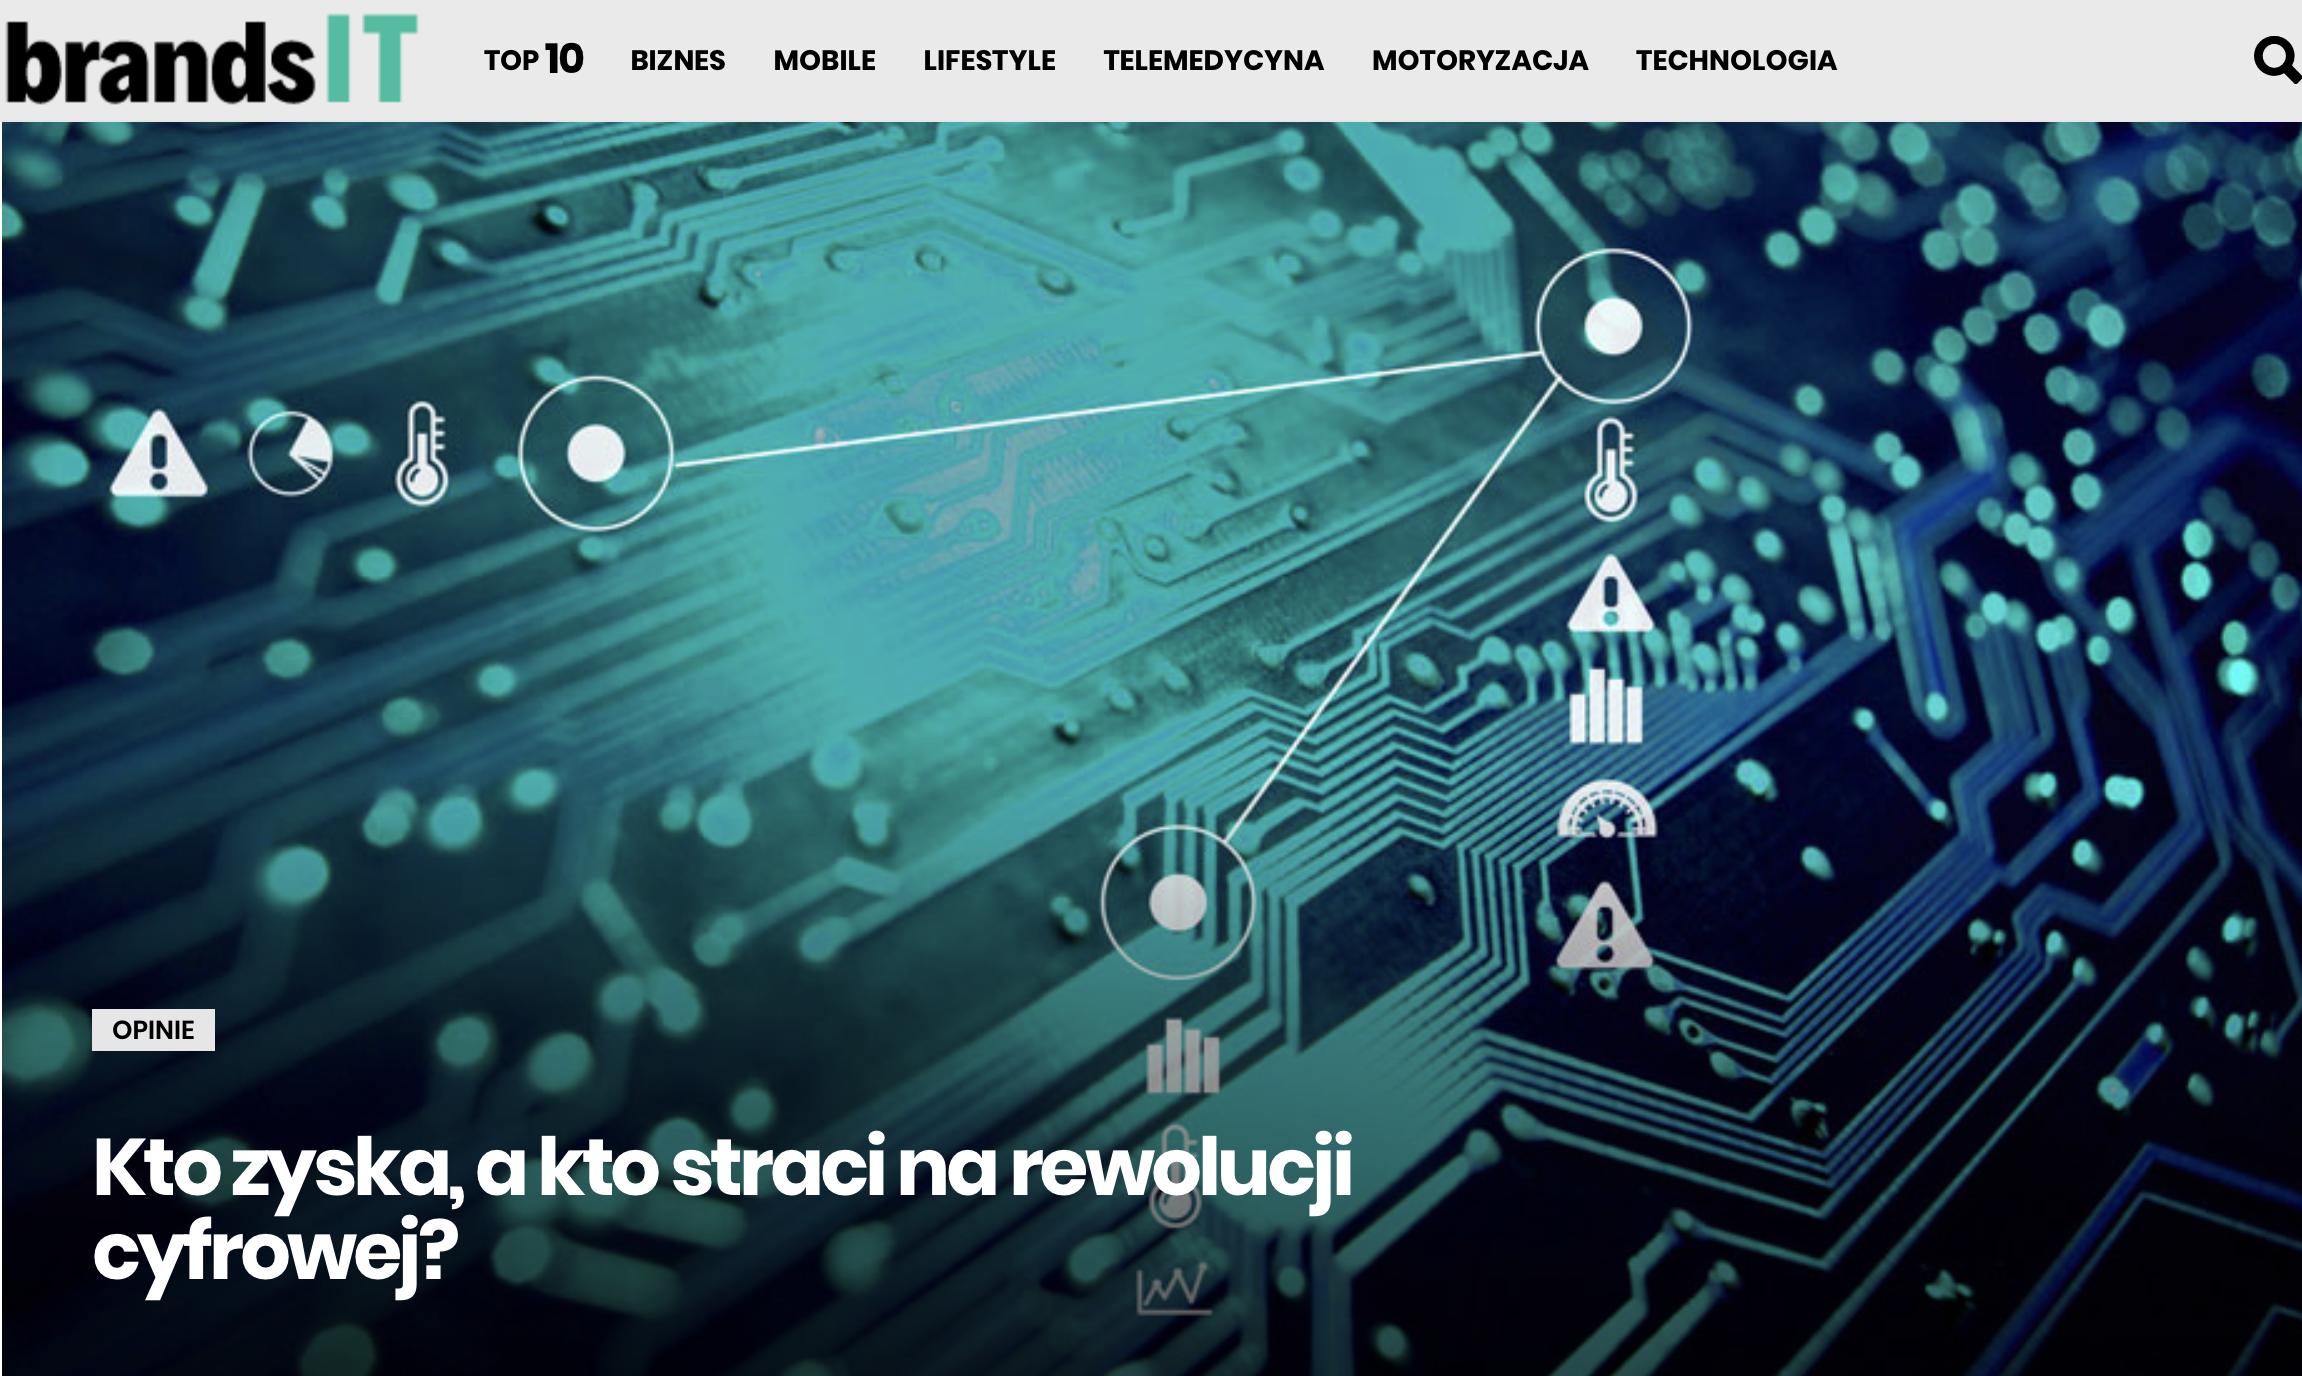 BrandsIT - Kto zyska, a kto straci na rewolucji cyfrowej Norbert Biedrzycki